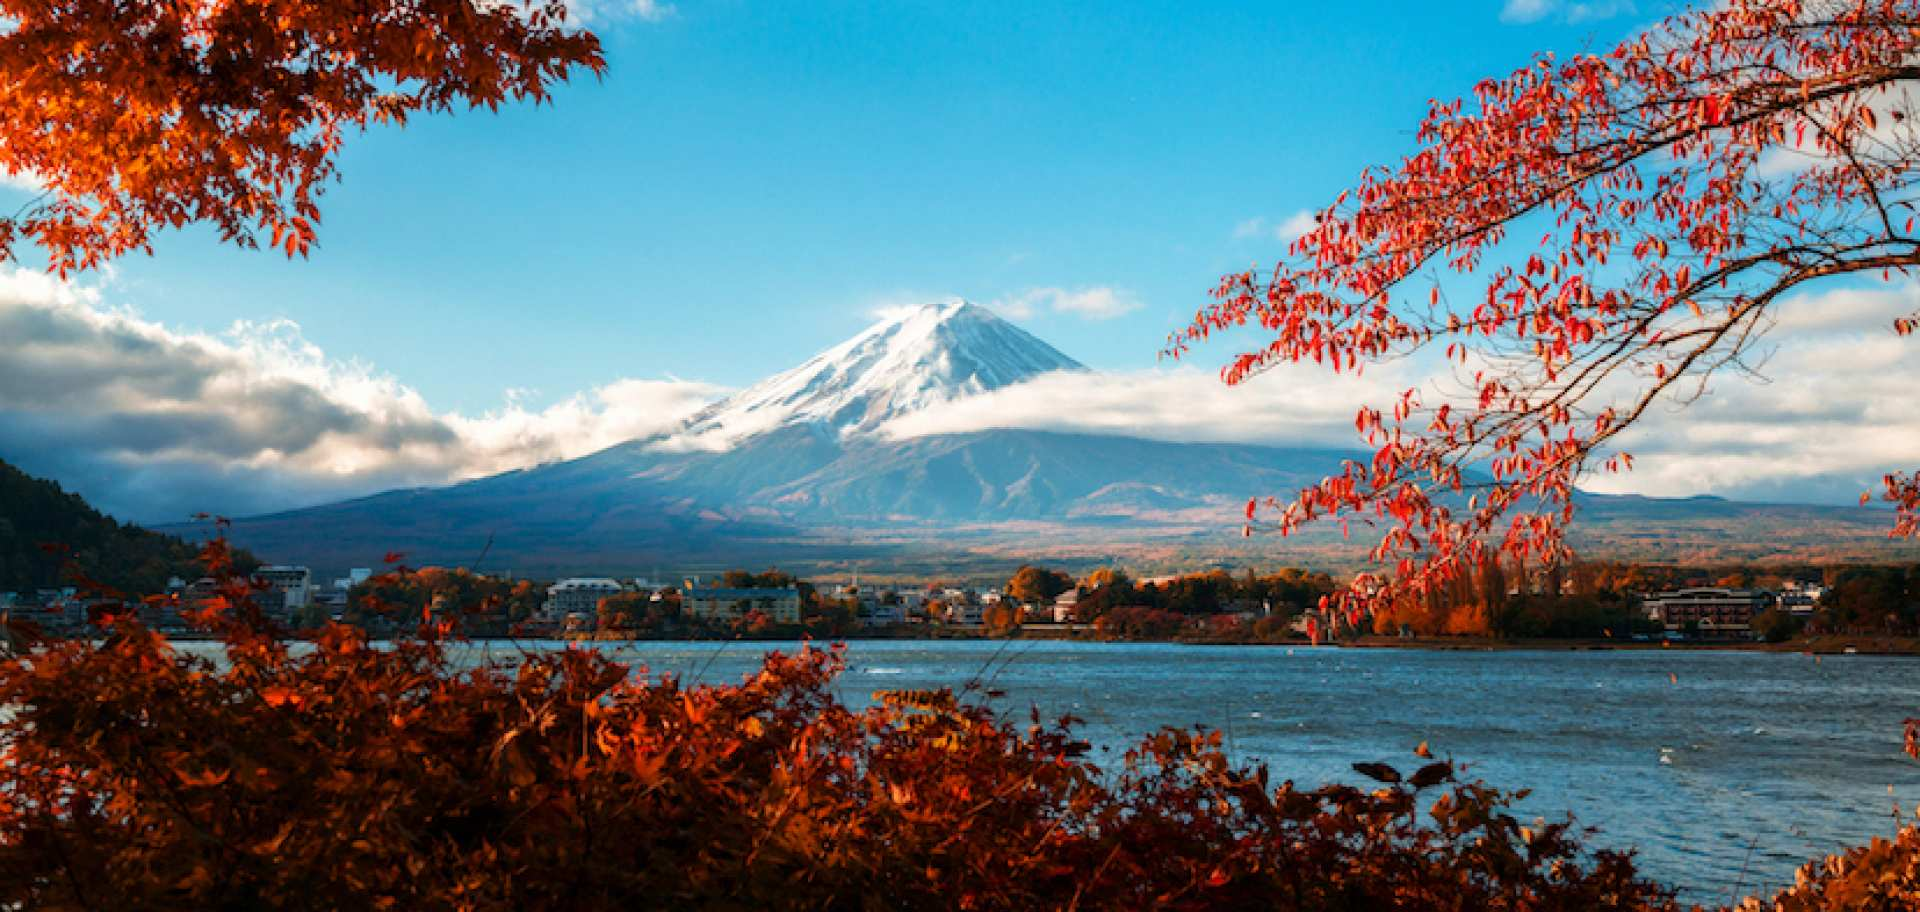 東京発|富士山周辺・秘境観光ツアー|河口湖・富岳風穴・鳴沢氷穴・忍野八海